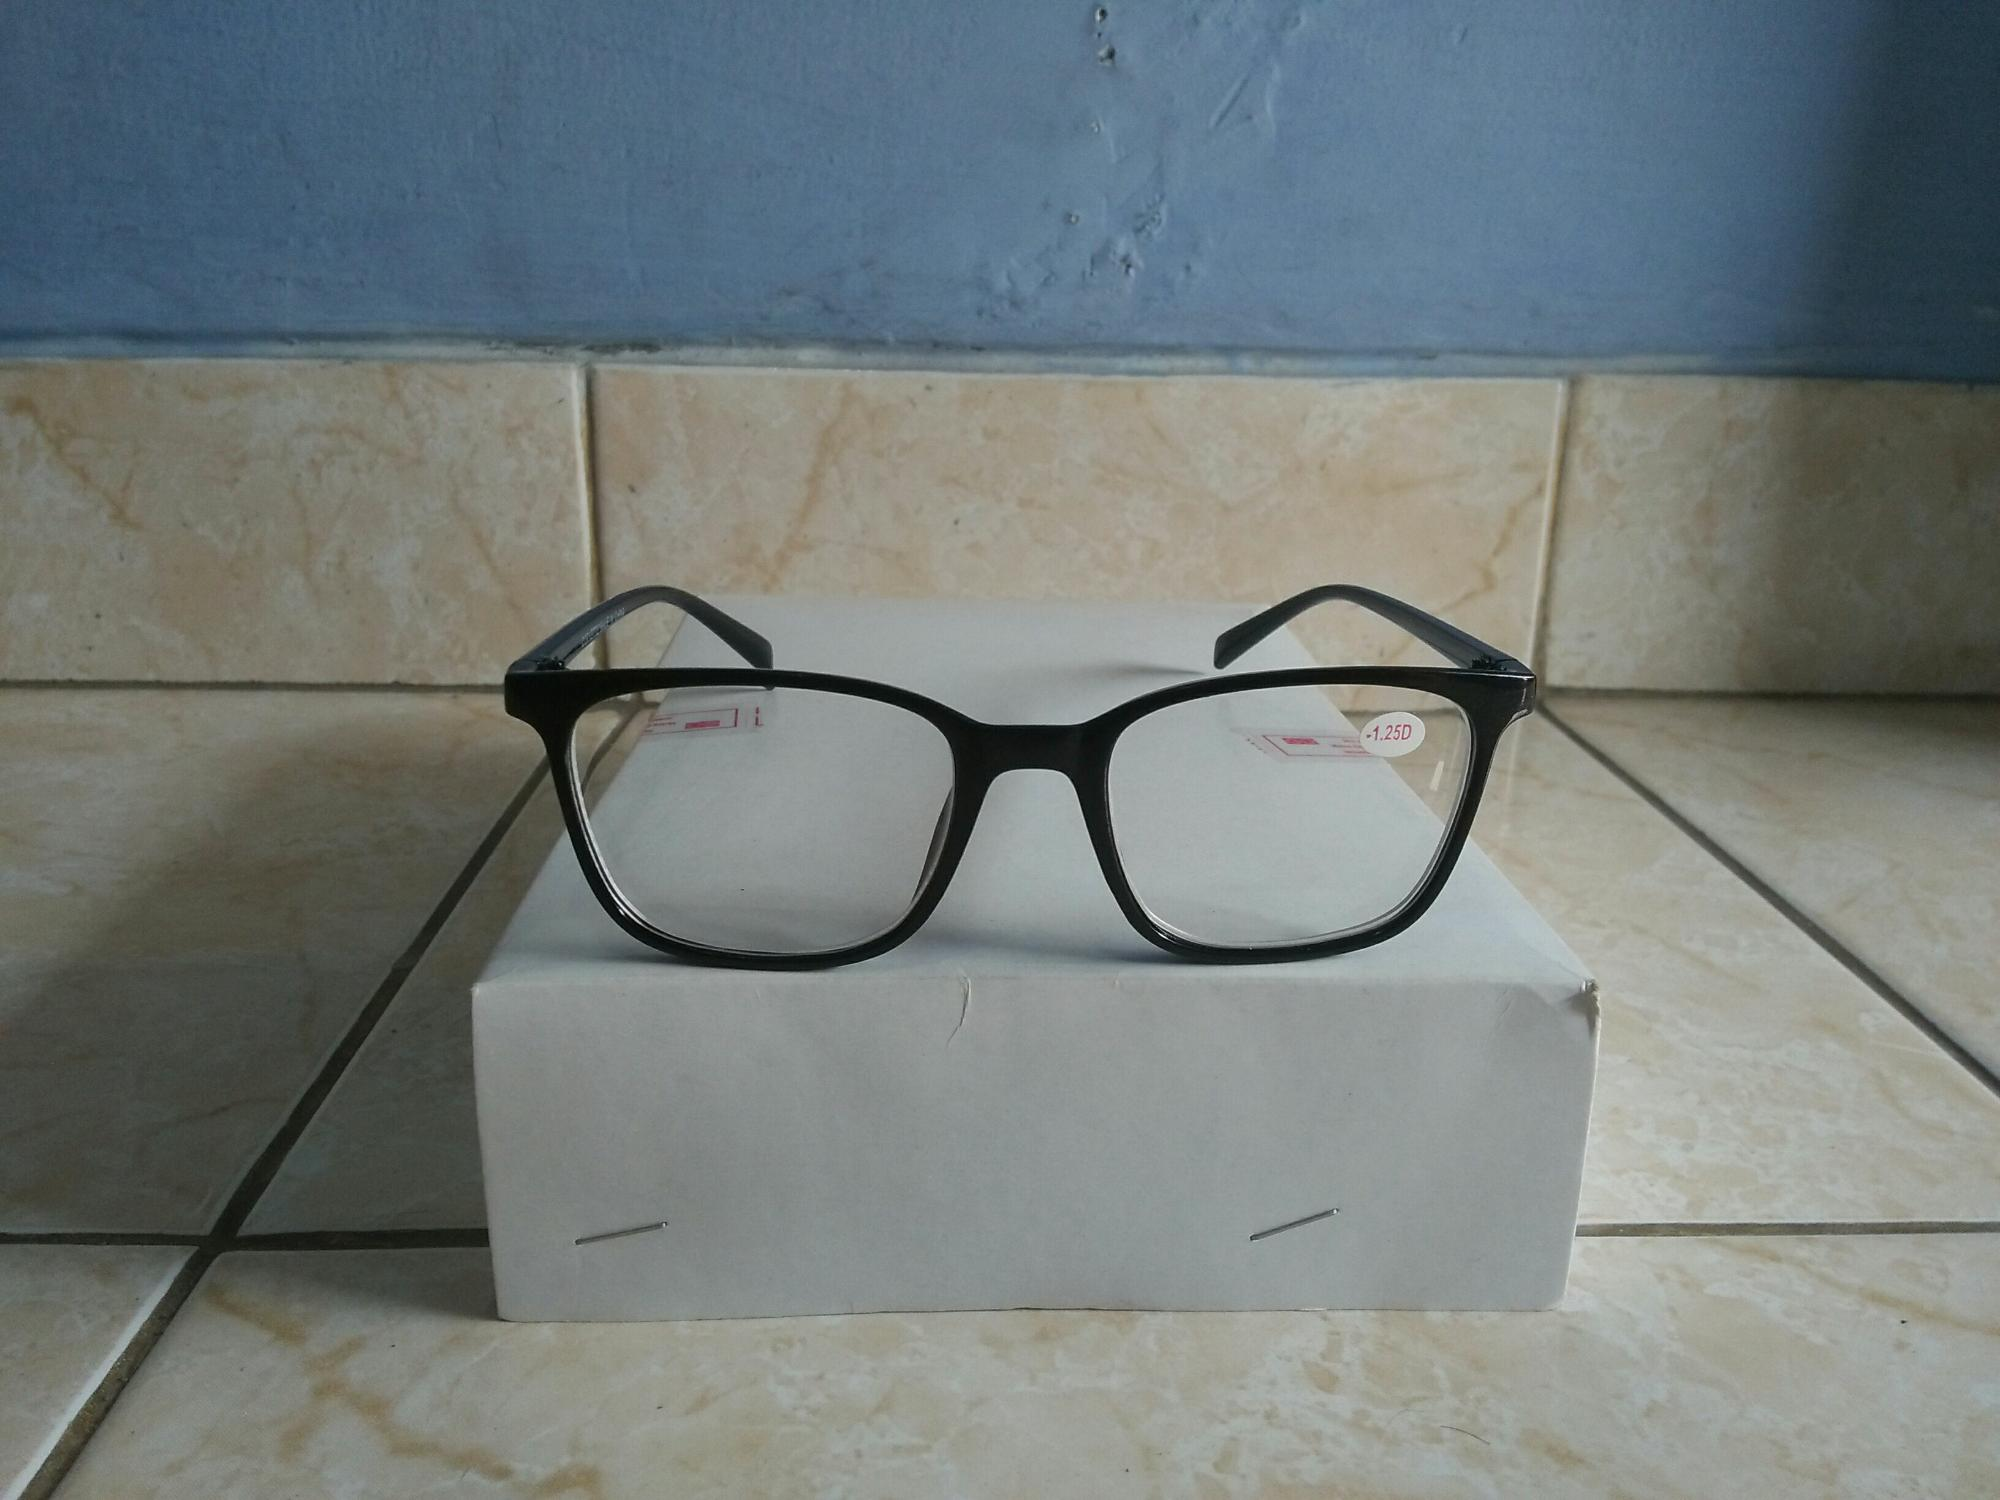 Promo kacamata minus 2.00 kacamata baca murah persegi hitam trendy AI624 6fe529405f